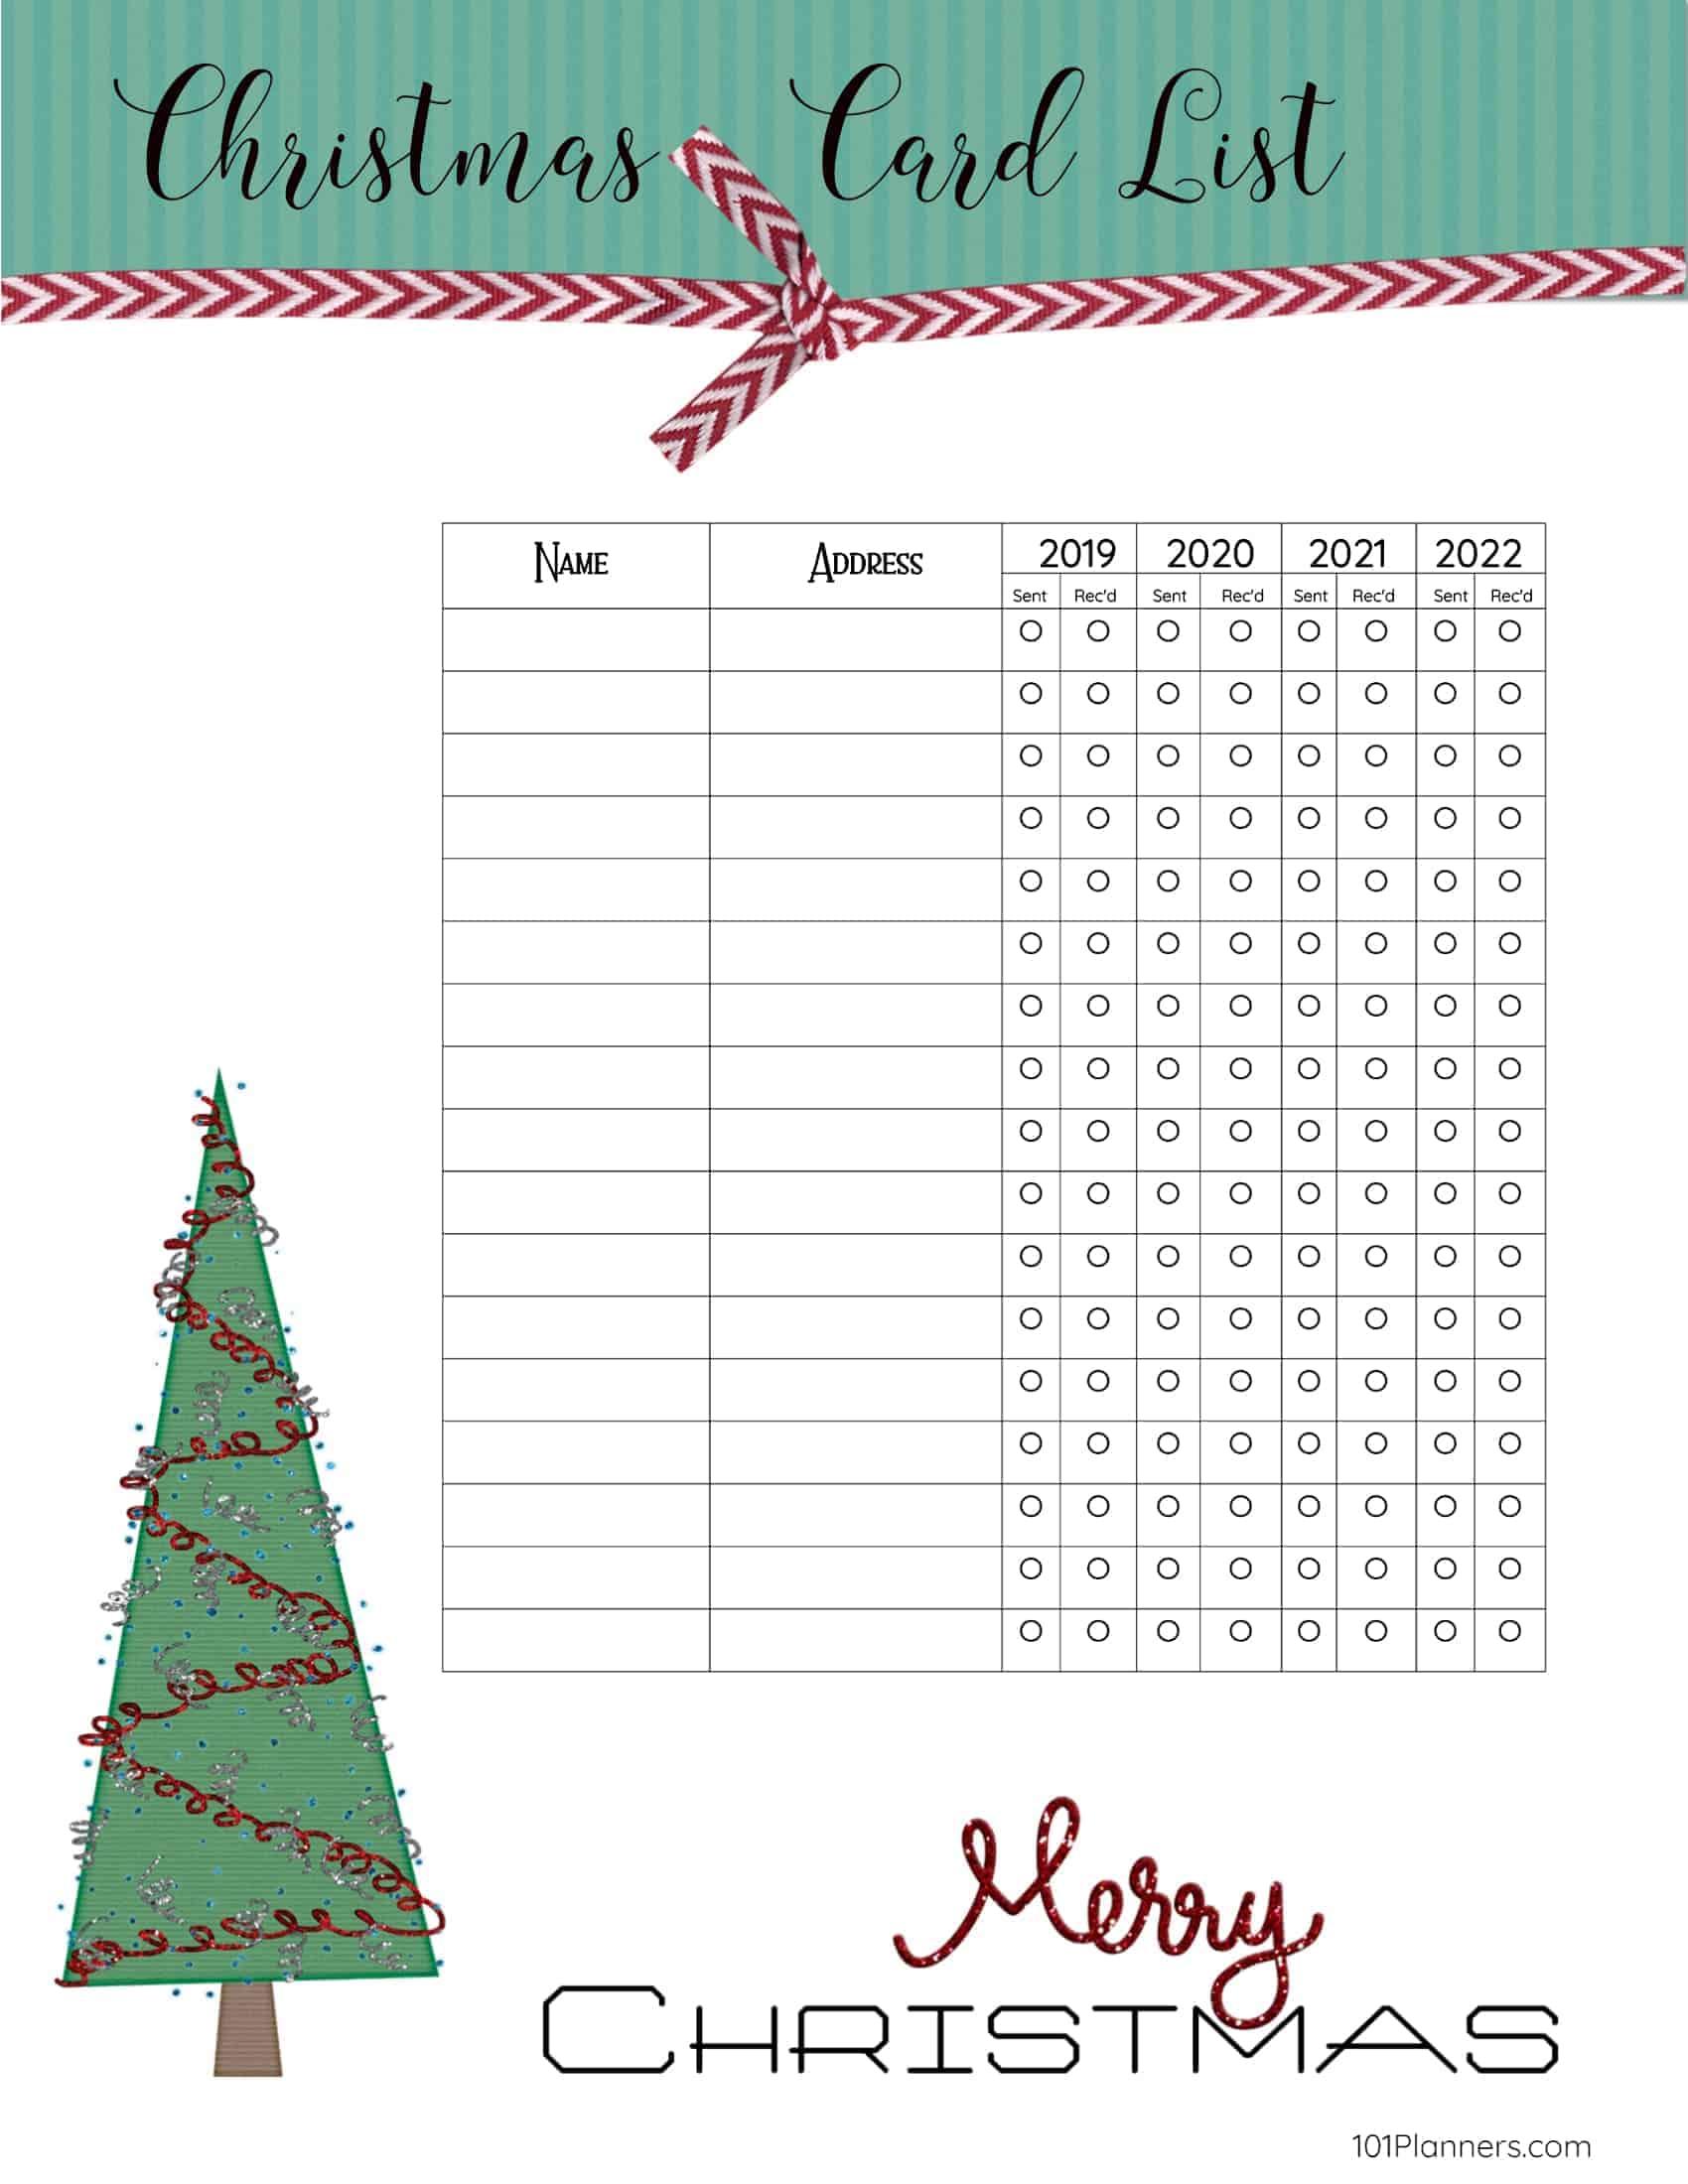 Christmas Card List 2020 FREE Printable Christmas Gift List Template